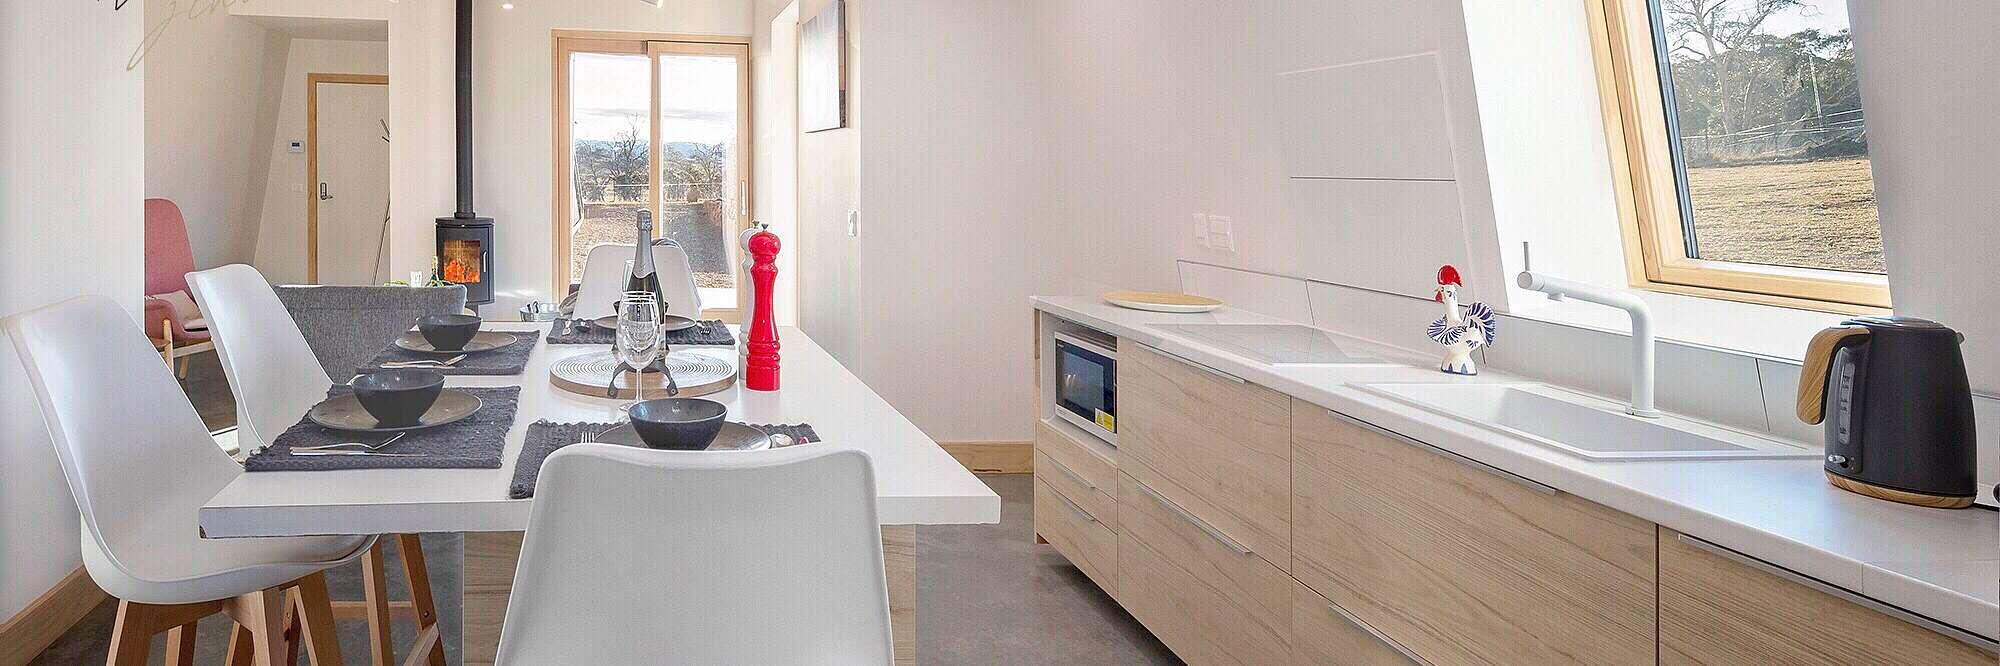 Modern kitchen dinning.